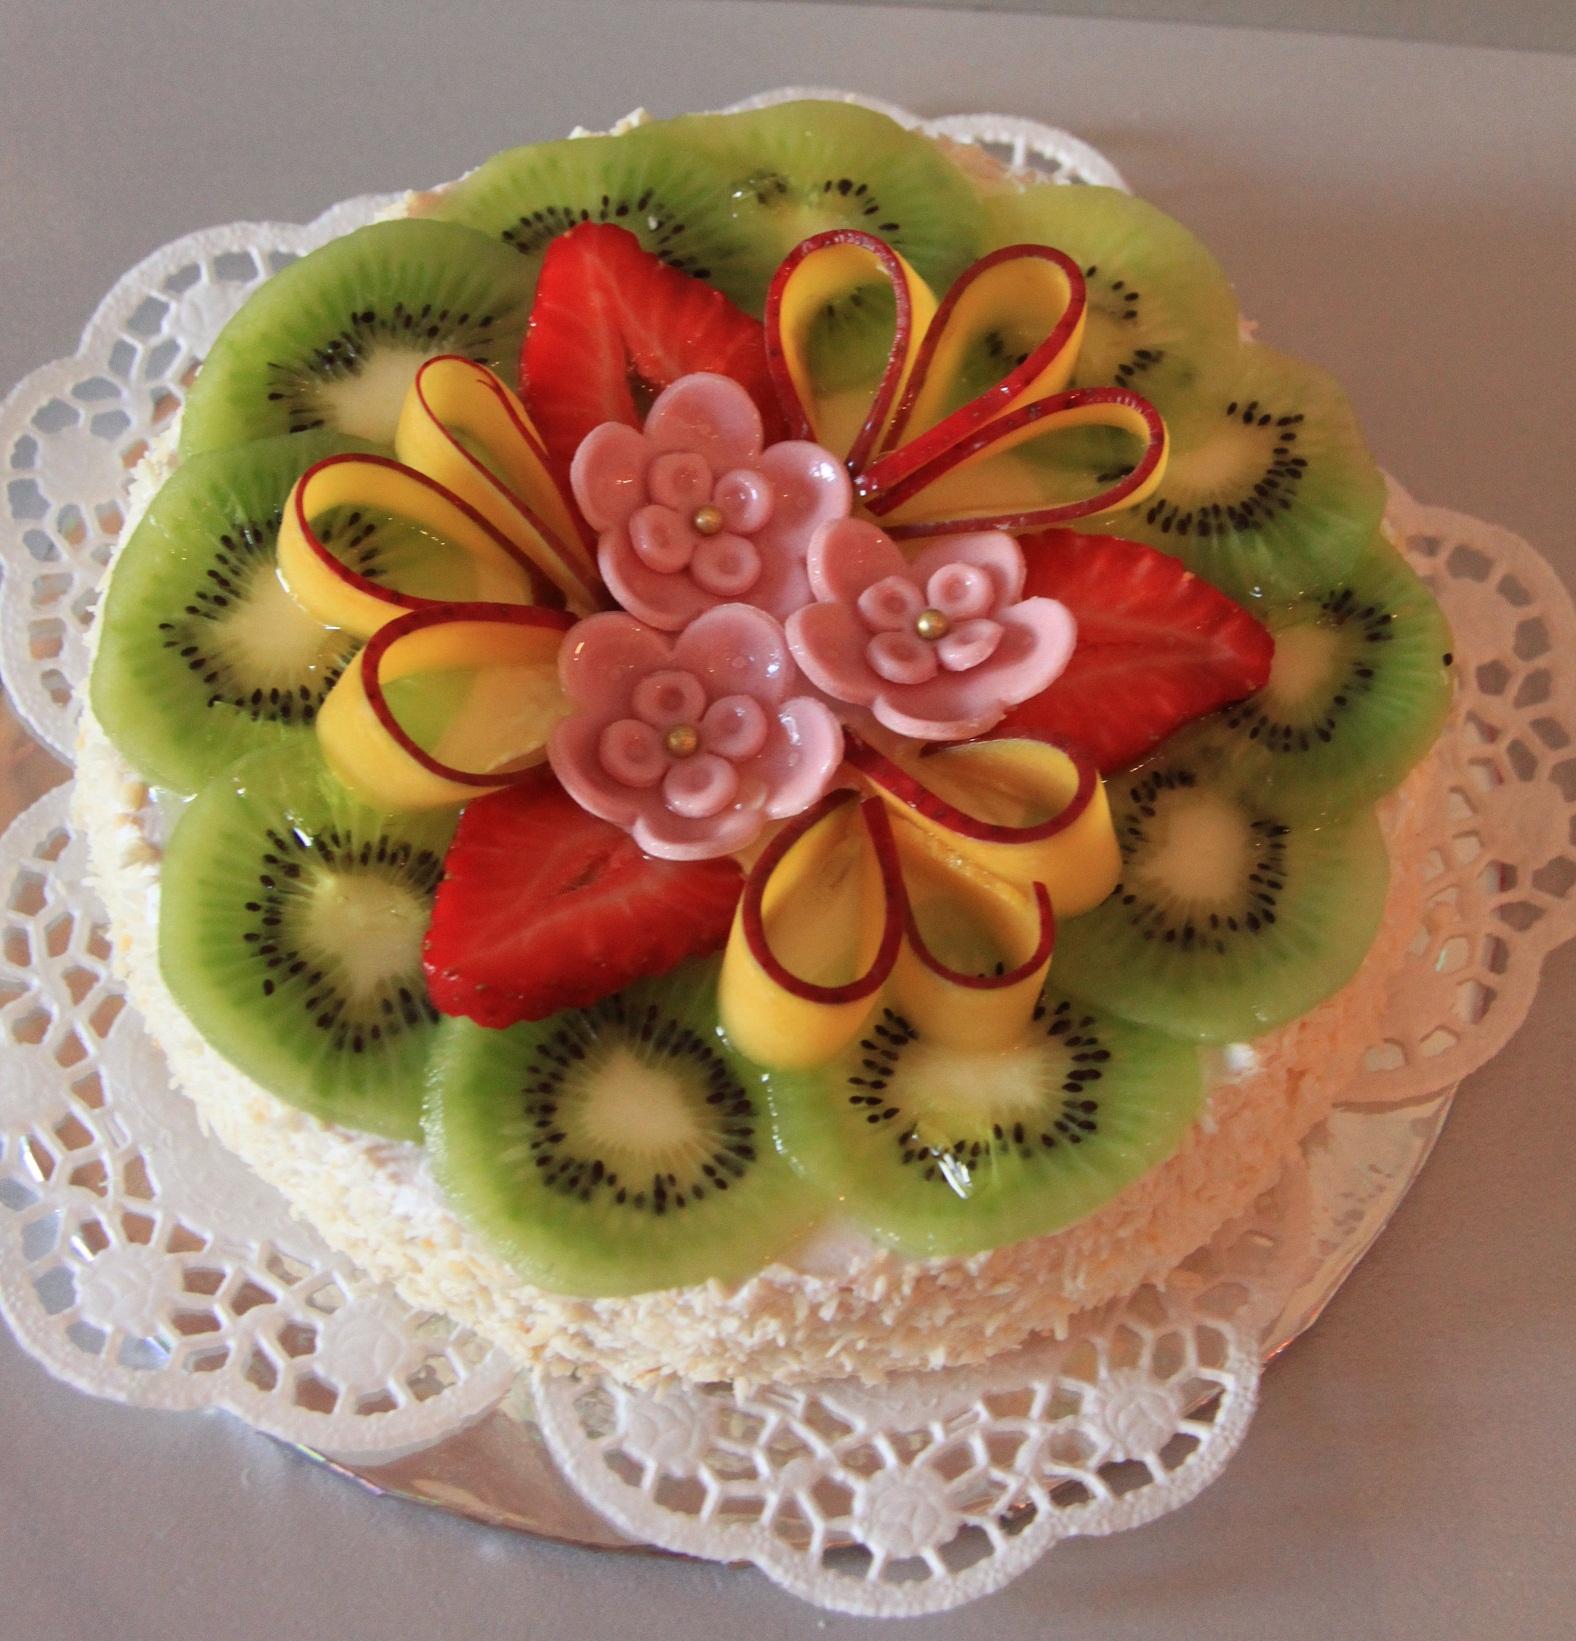 Украшения для торта из фруктов своими руками фото